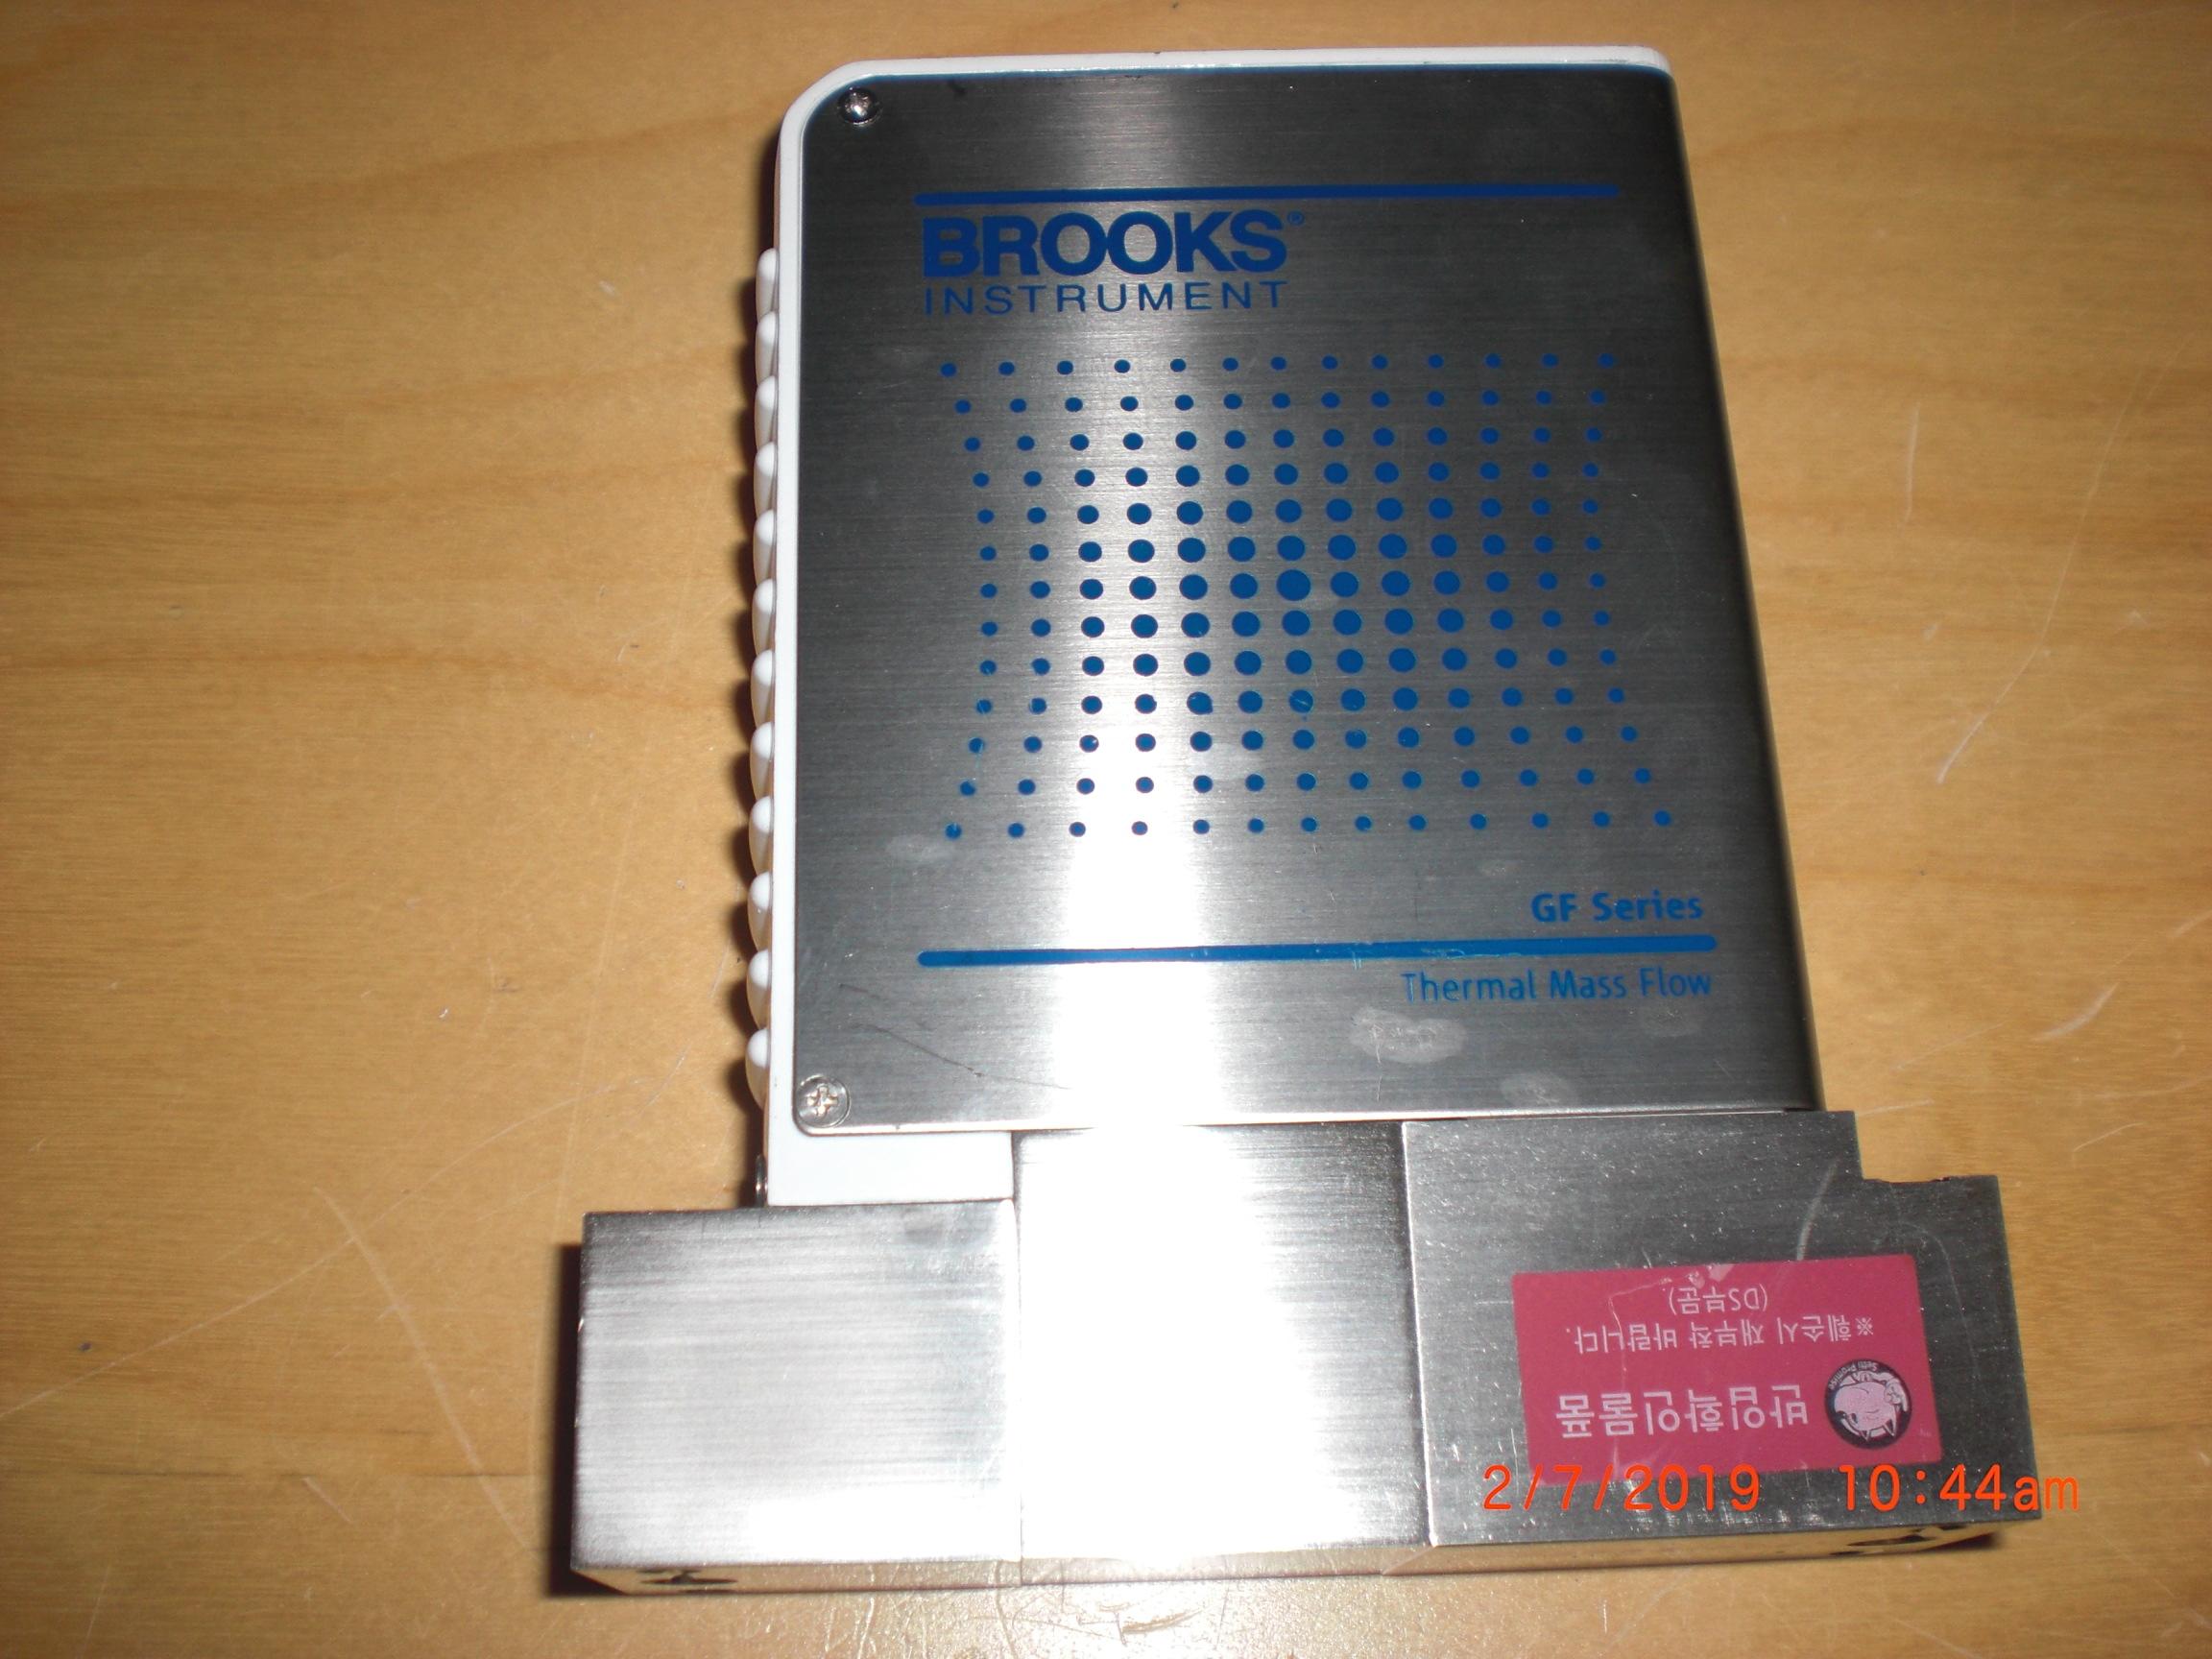 MFC Brooks - Celerity GF125C-H2-500sscm